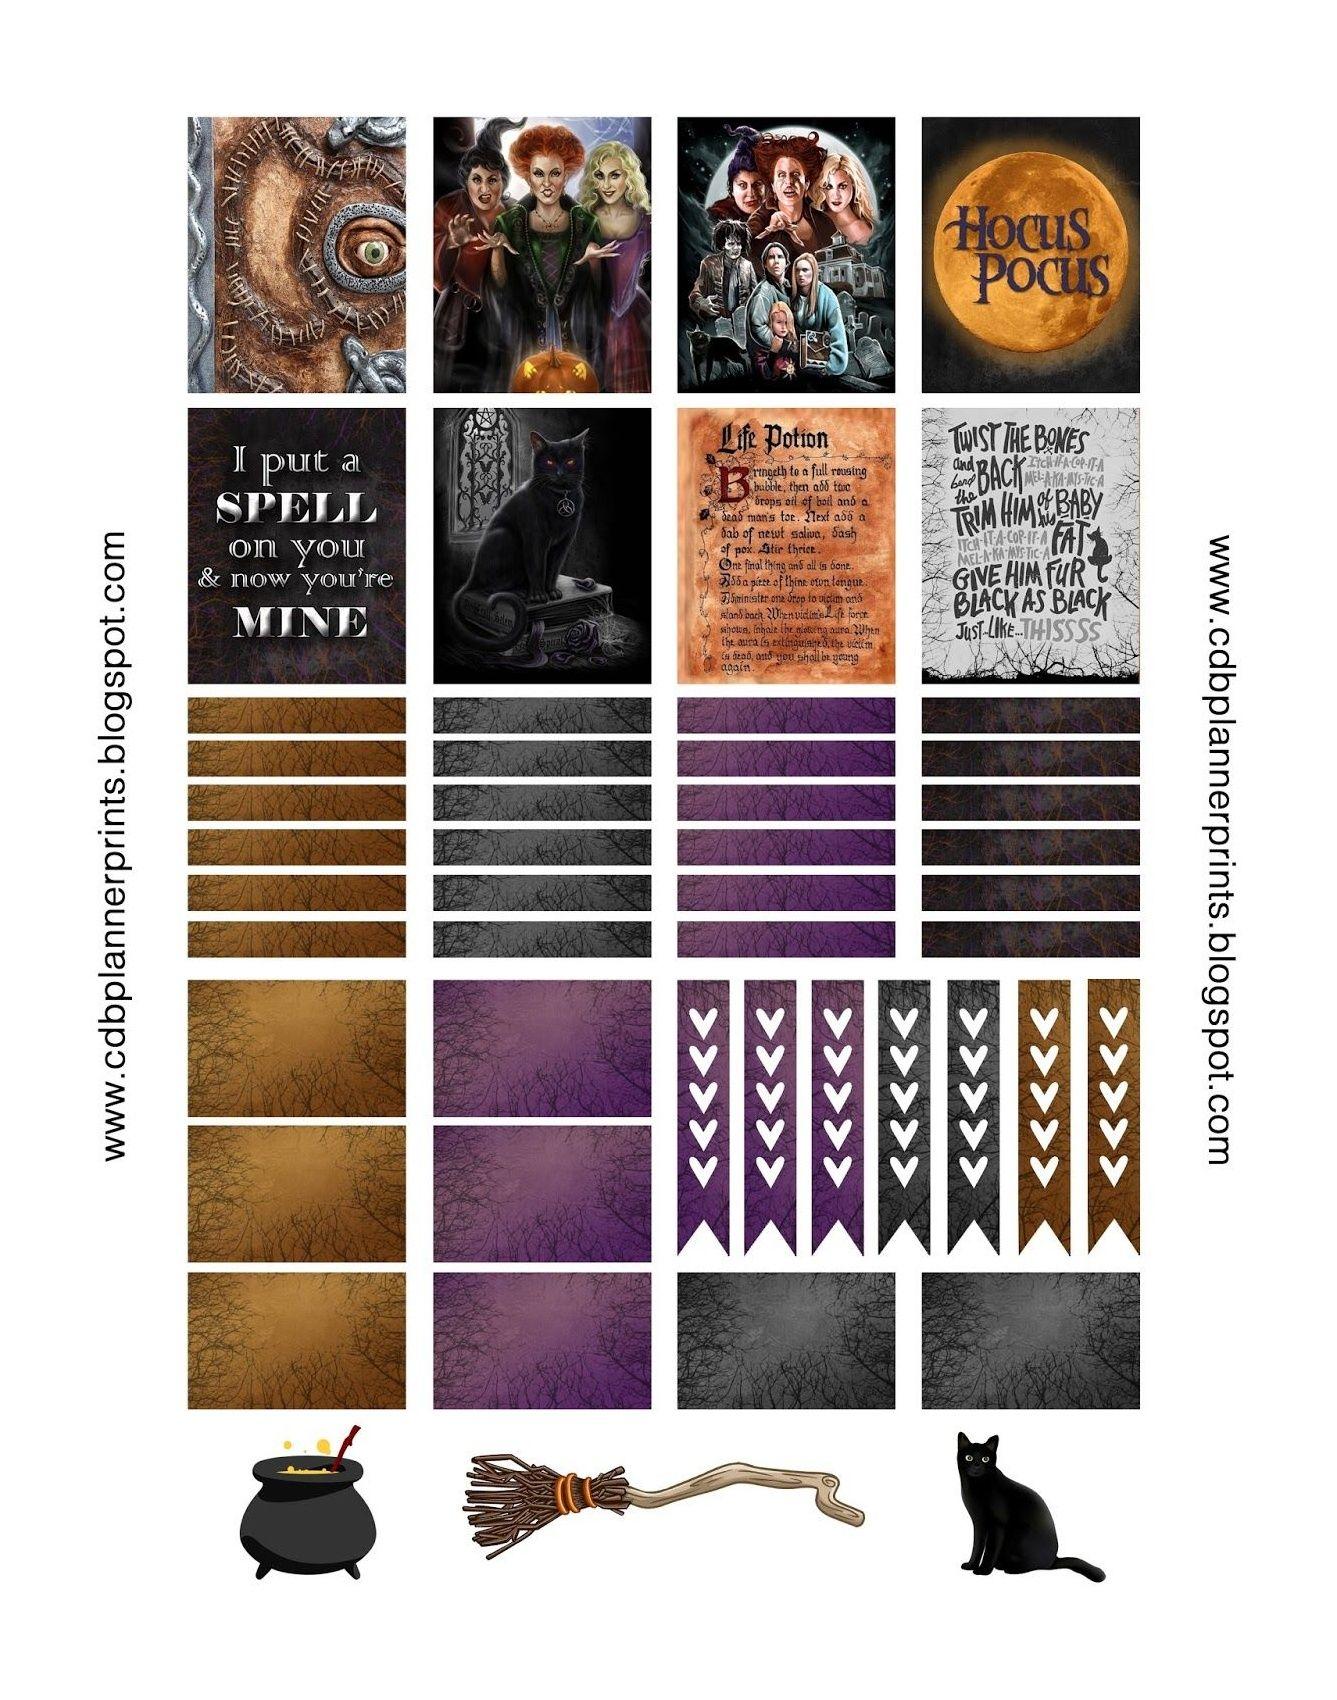 Hocus Pocus Printable Free Hocus Pocus Planner Stickers